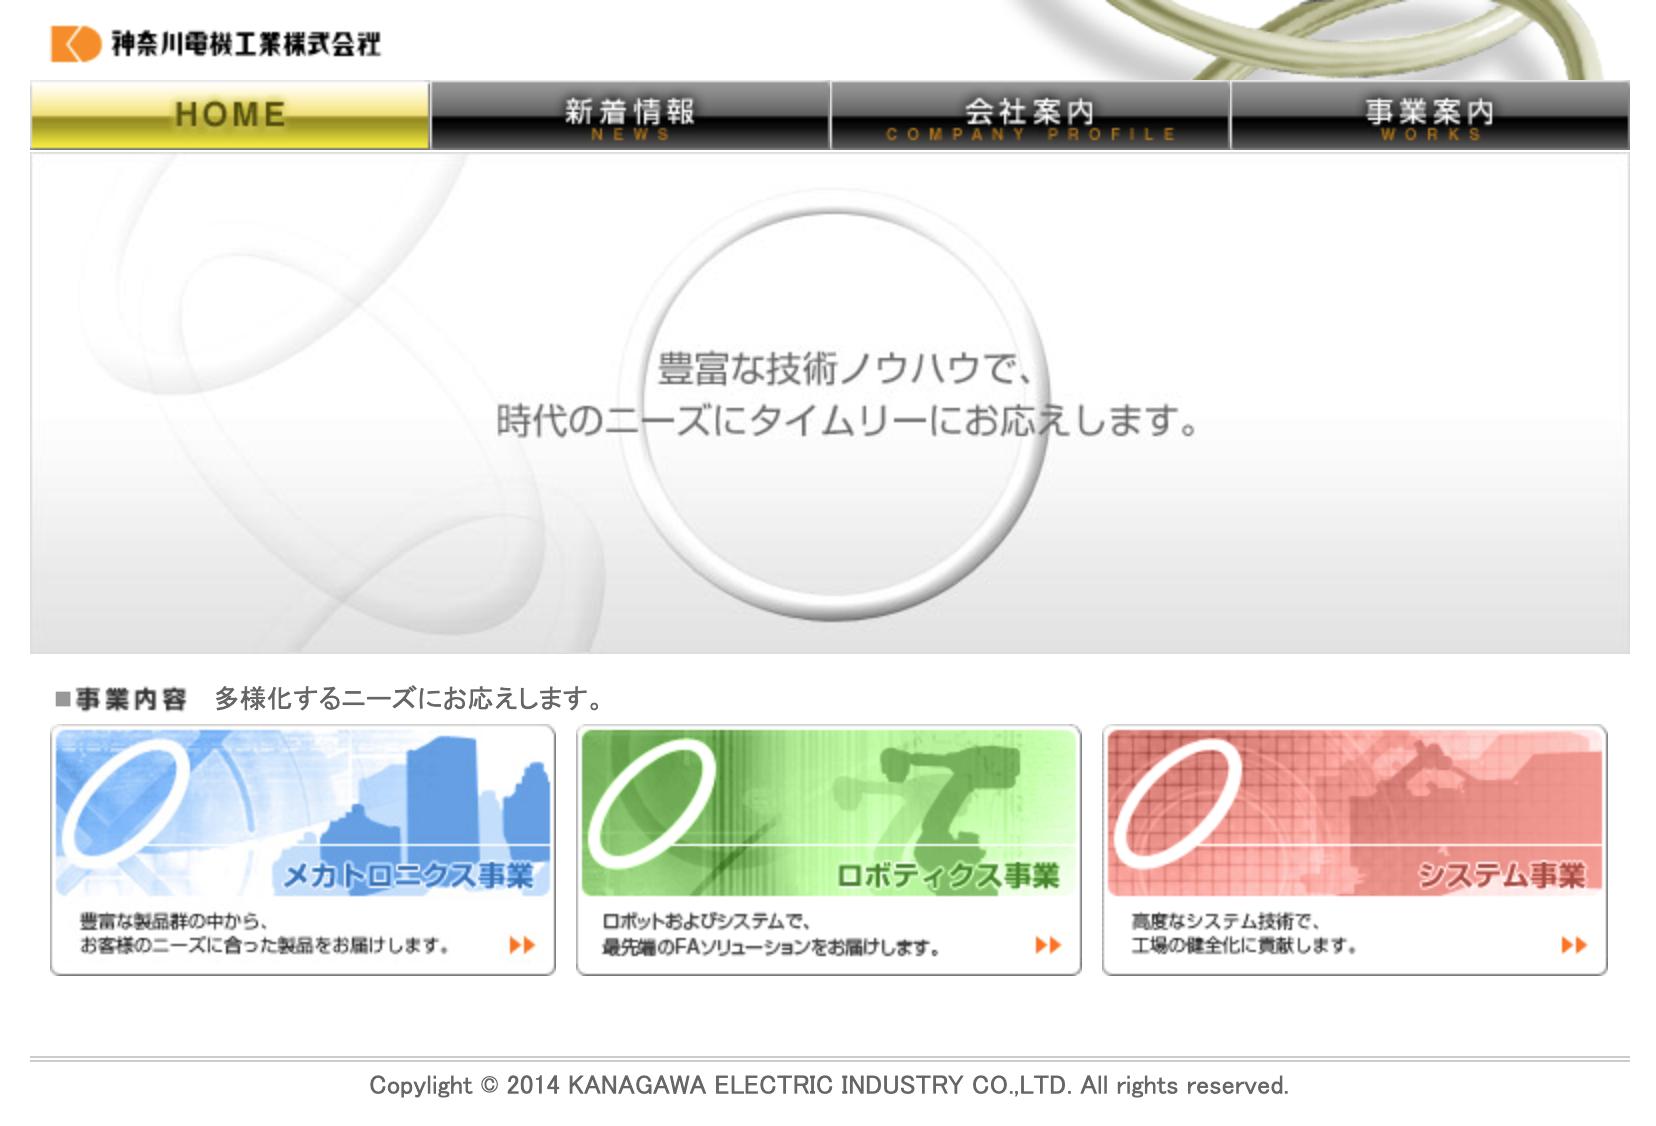 神奈川電機工業株式会社様SI業務